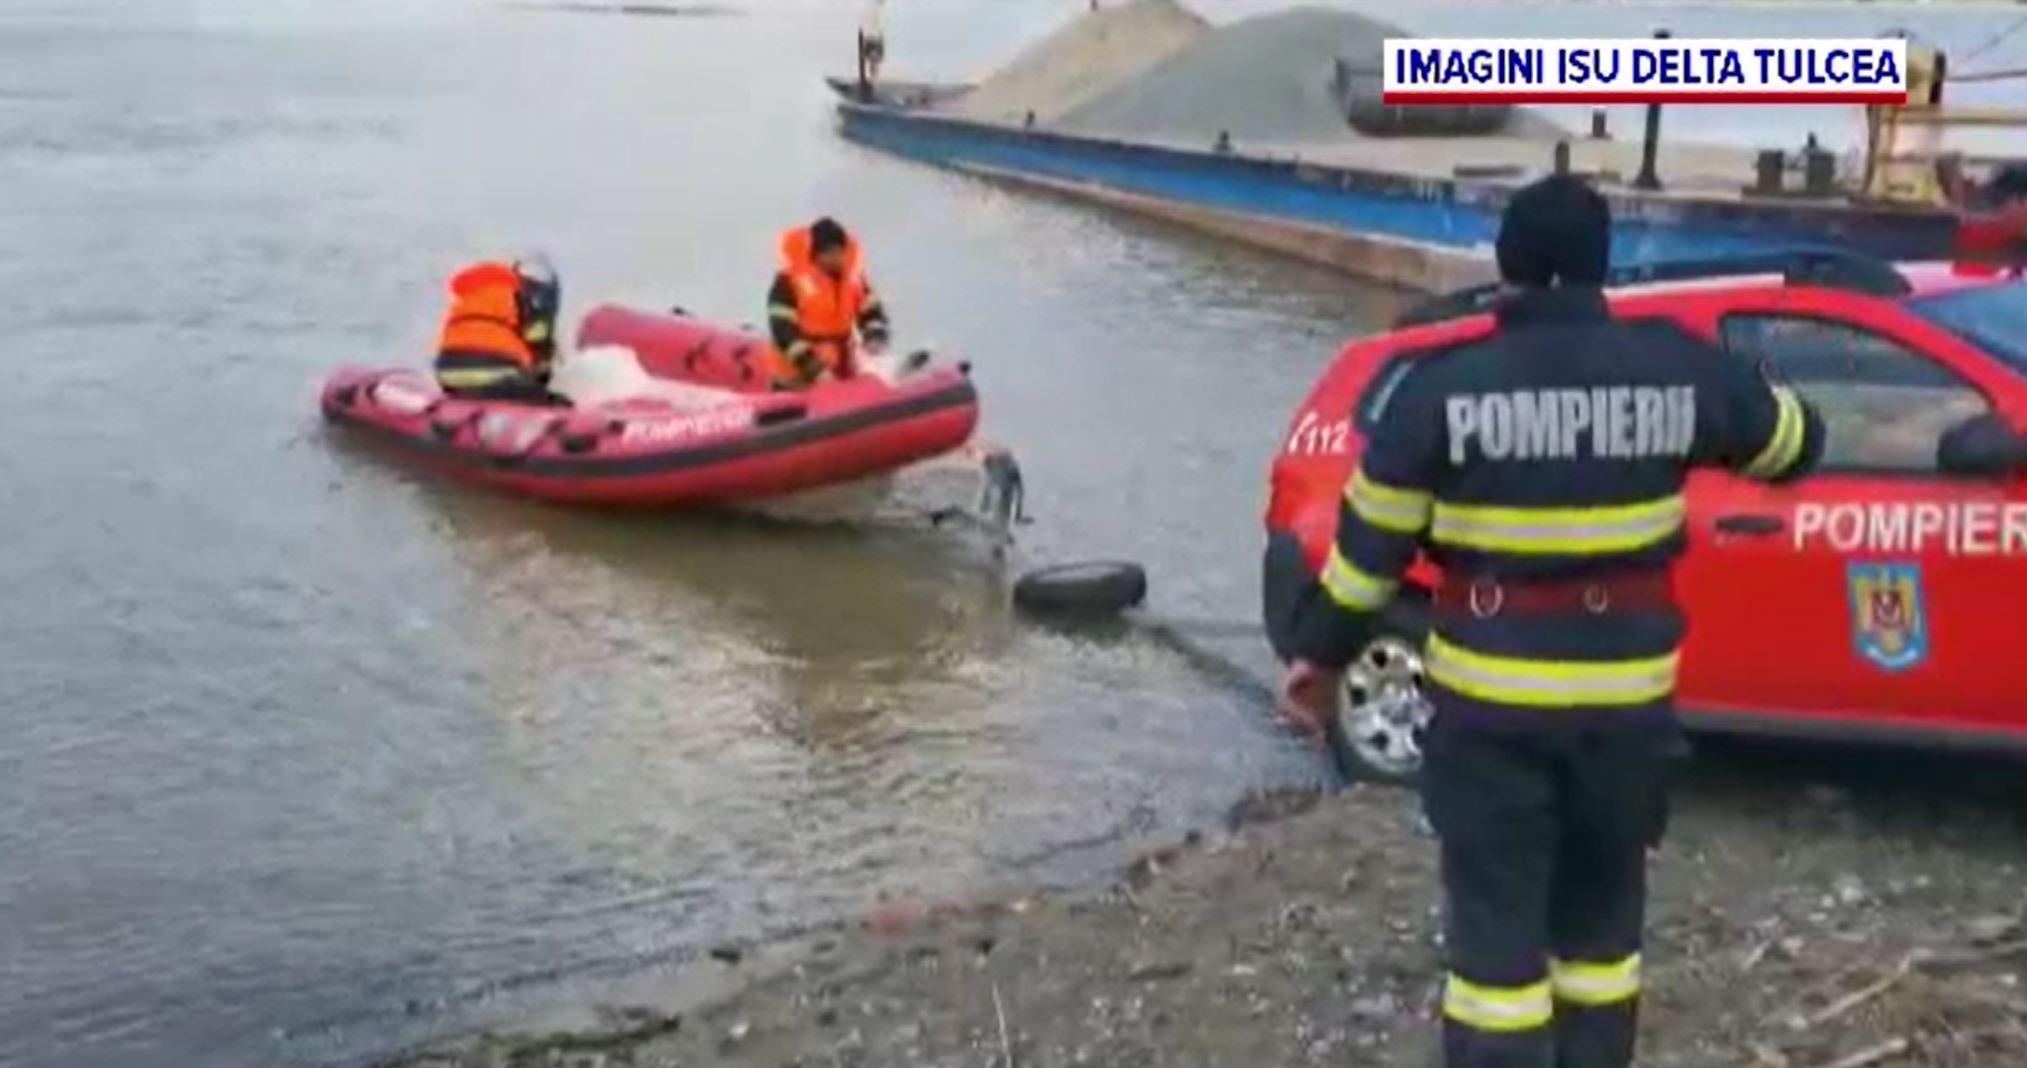 Alertă în Tulcea, după ce un băiat de 15 ani a intrat să facă o baie în Dunăre și a dispărut